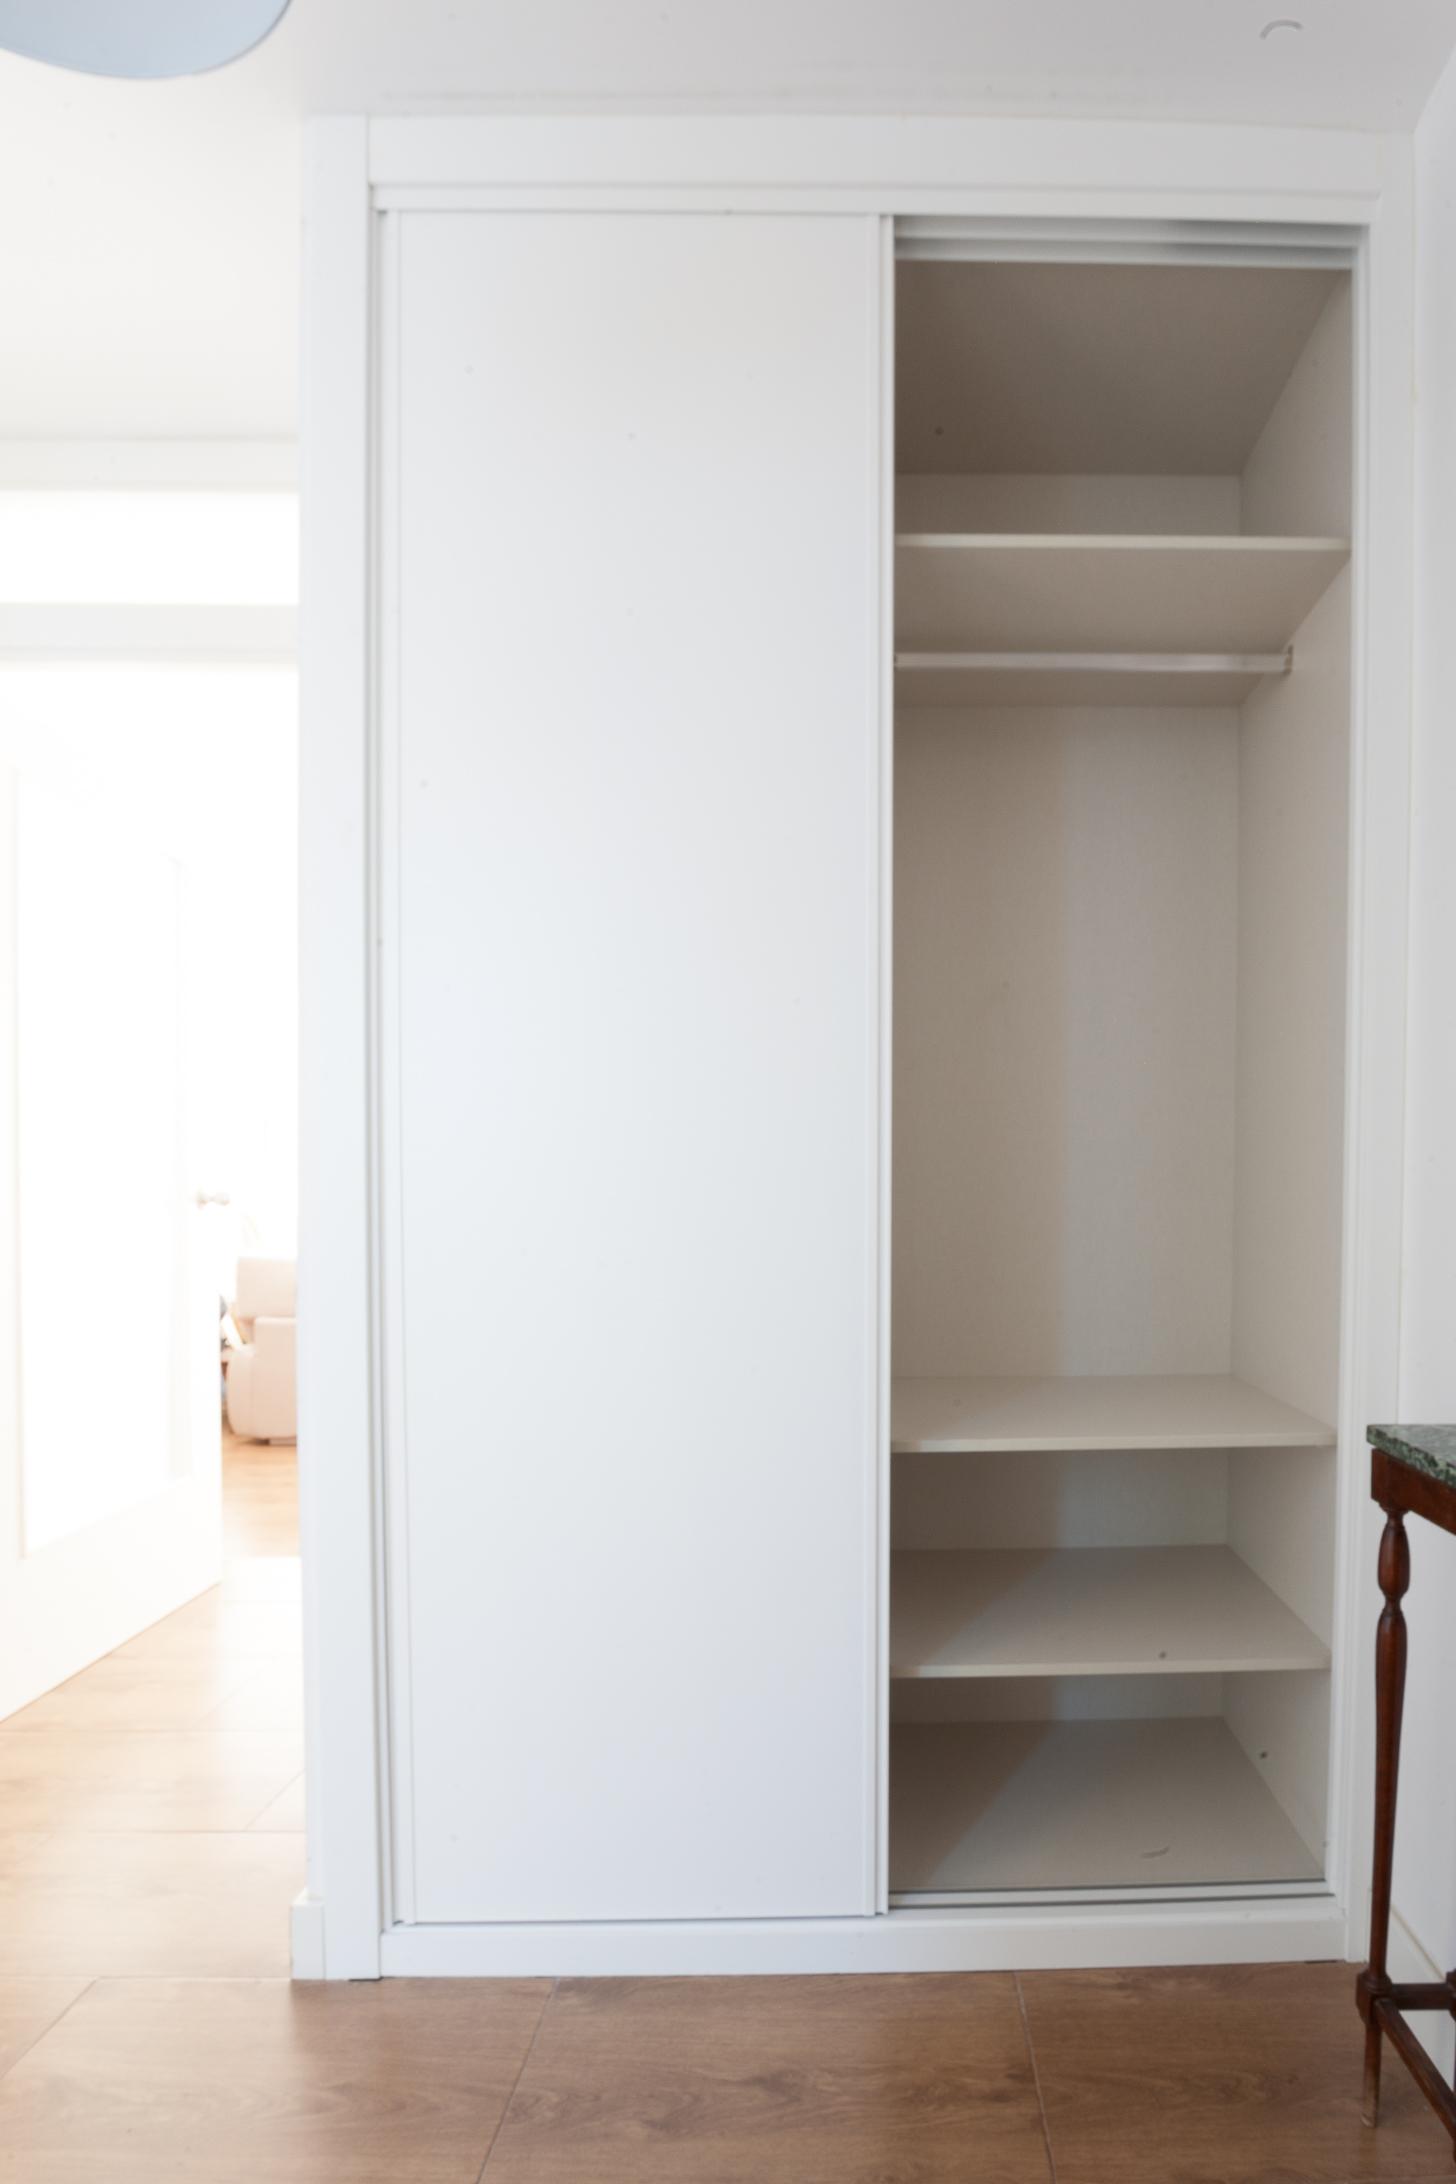 Armario lacado blanco armarios corredera puertas lacadas - Lacado de puertas en blanco ...